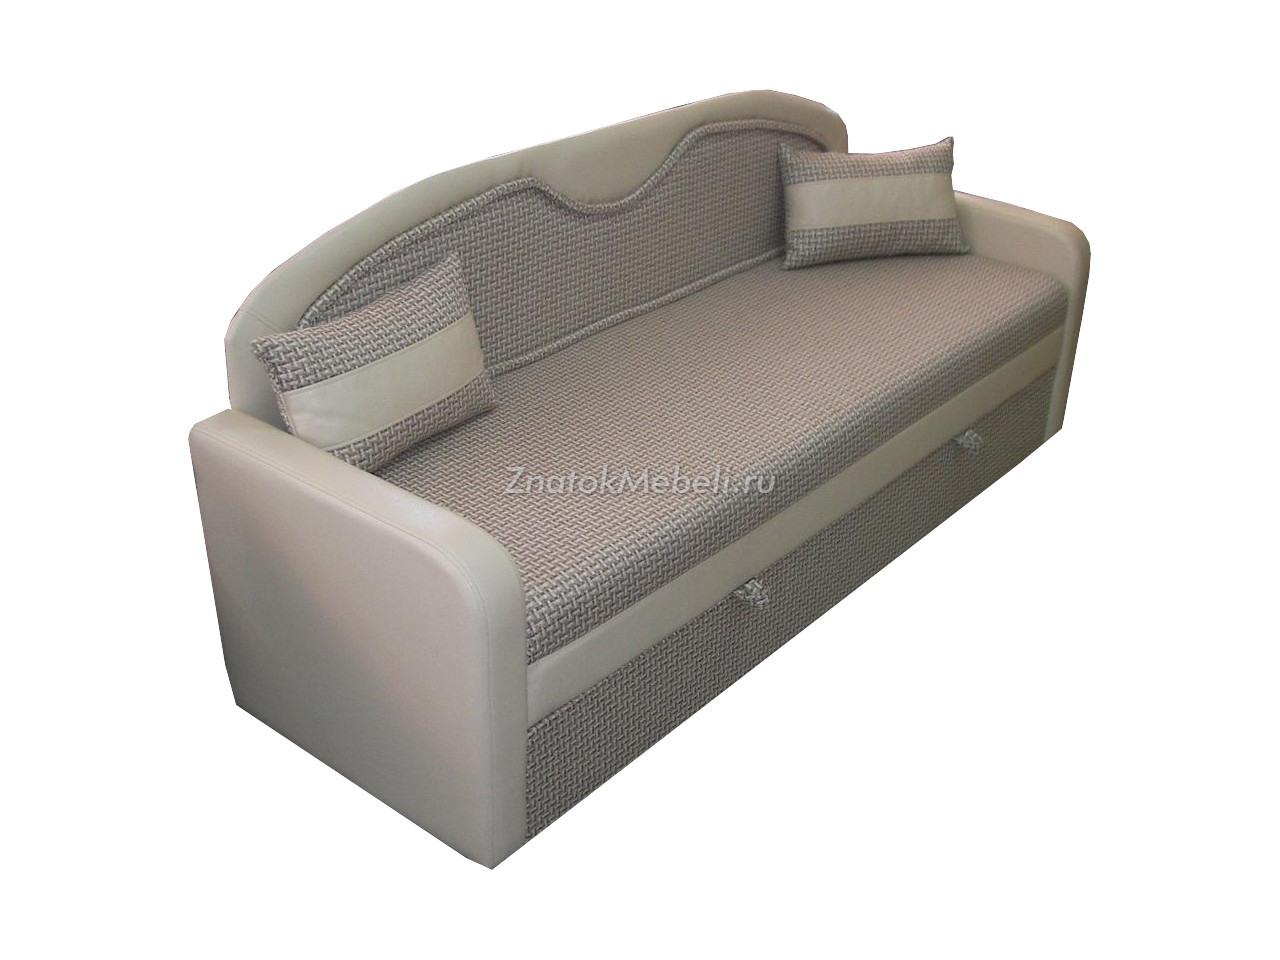 диван кровать софа купить в новосибирске фото и цена от компании